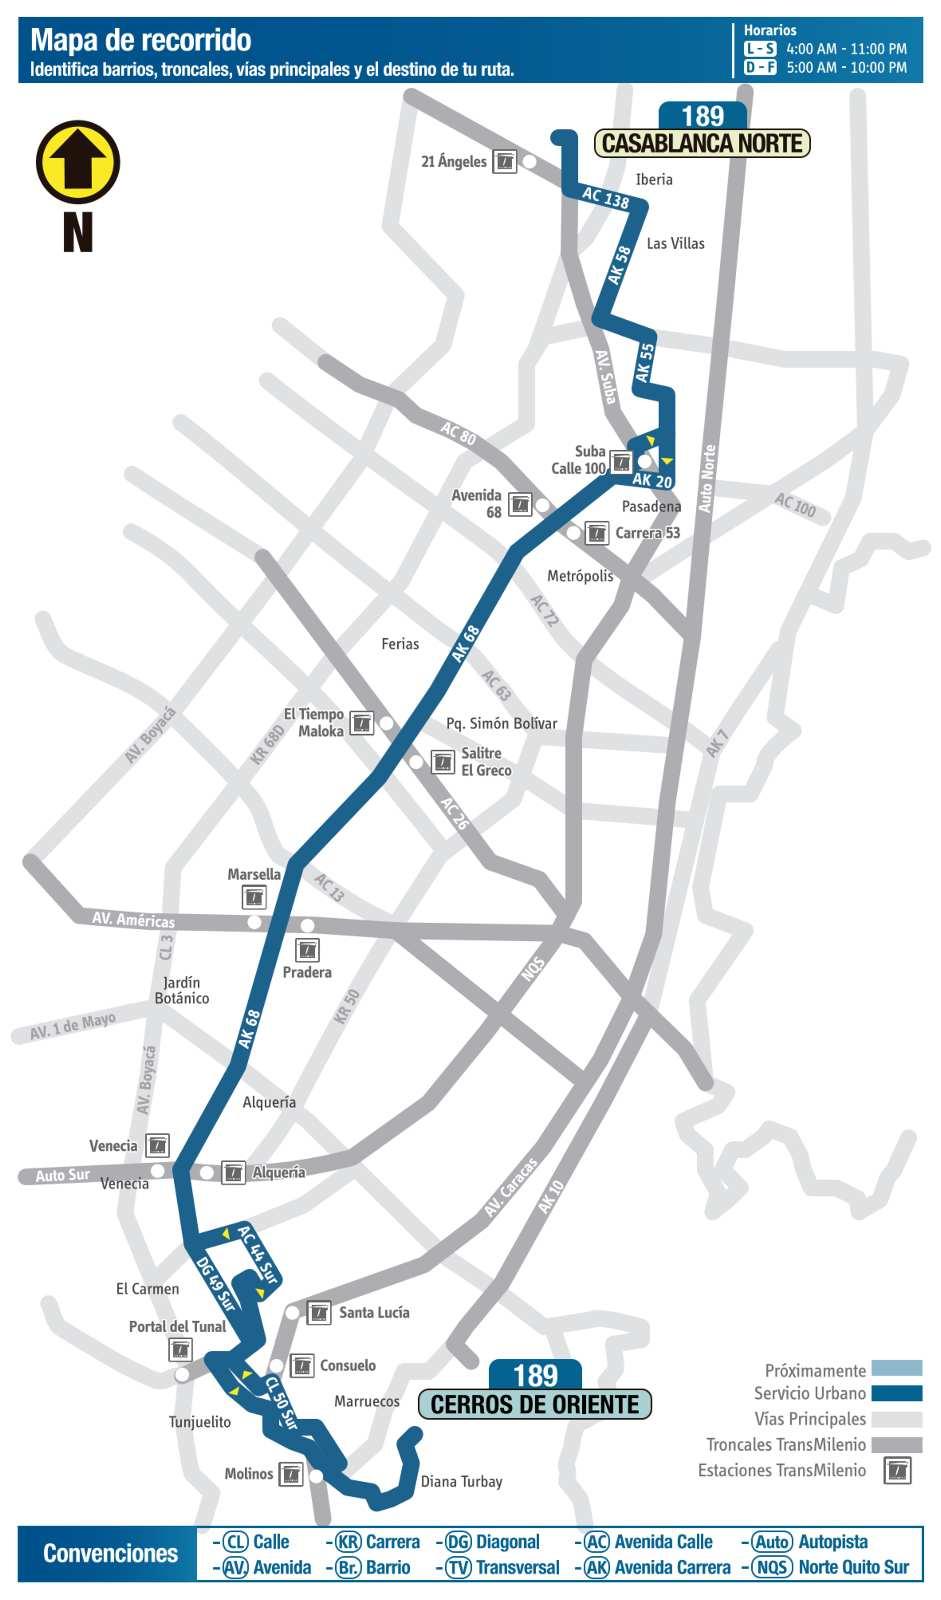 Ruta SITP: 189 Cerros de Oriente ↔ CasaBlanca Norte (mapa)